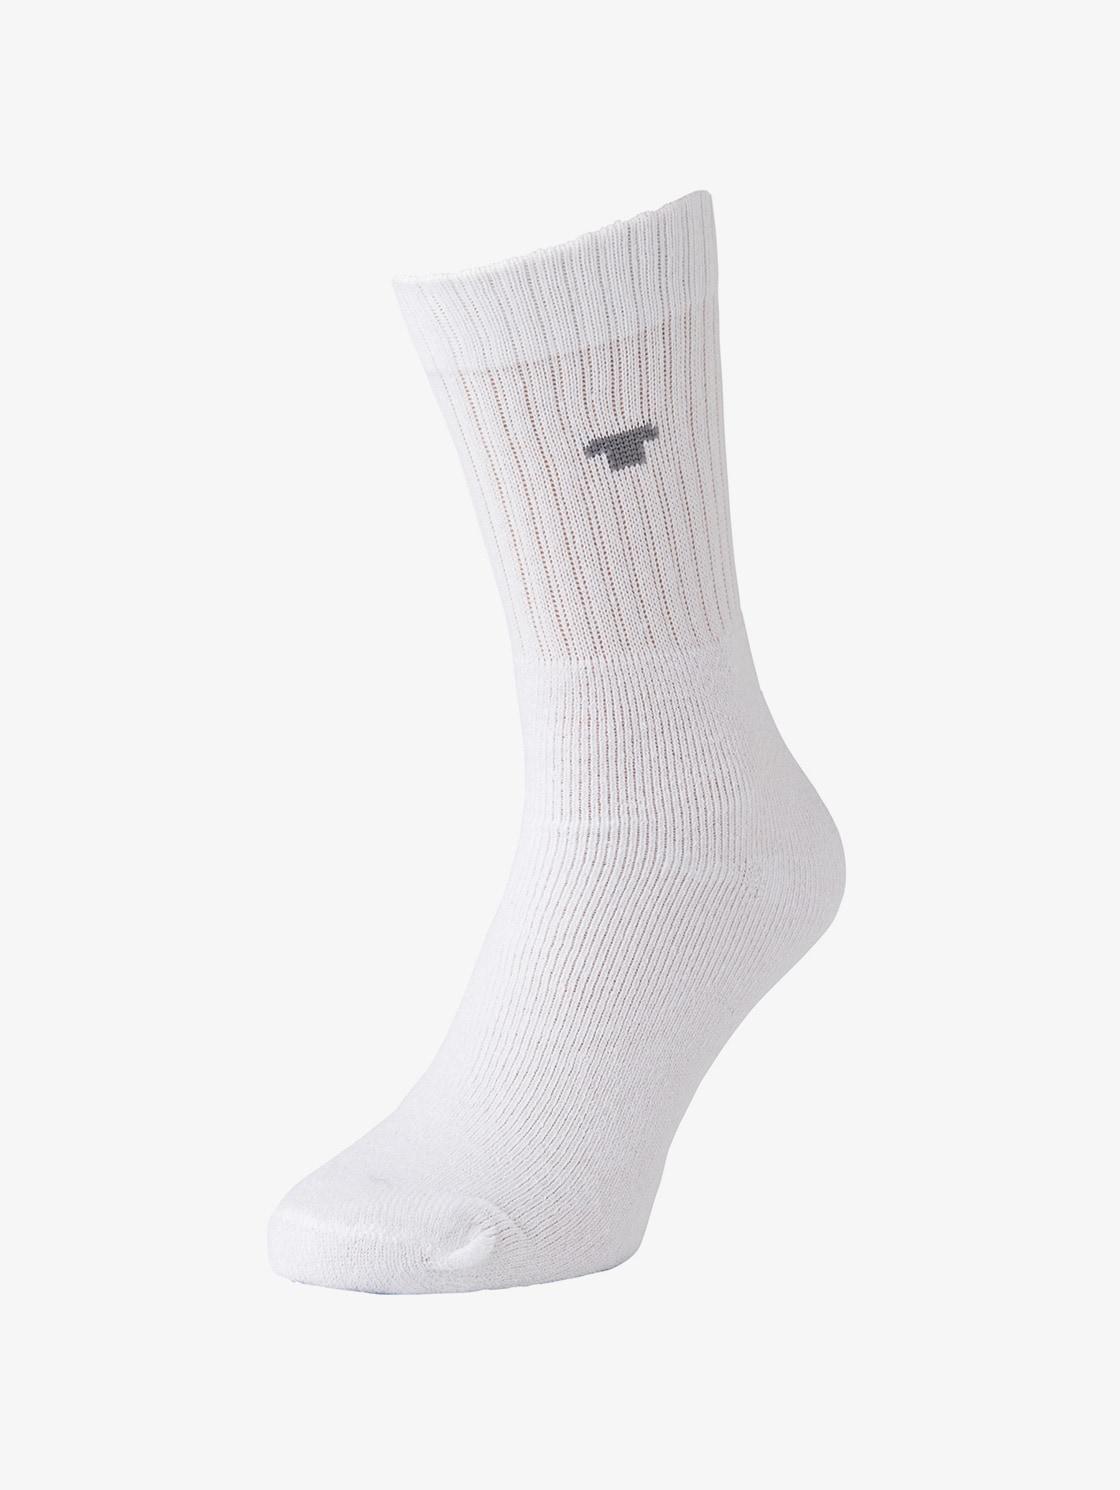 Tom Tailor Tennis Socken im Dreierpack, Herren, white, Größe: 35 38